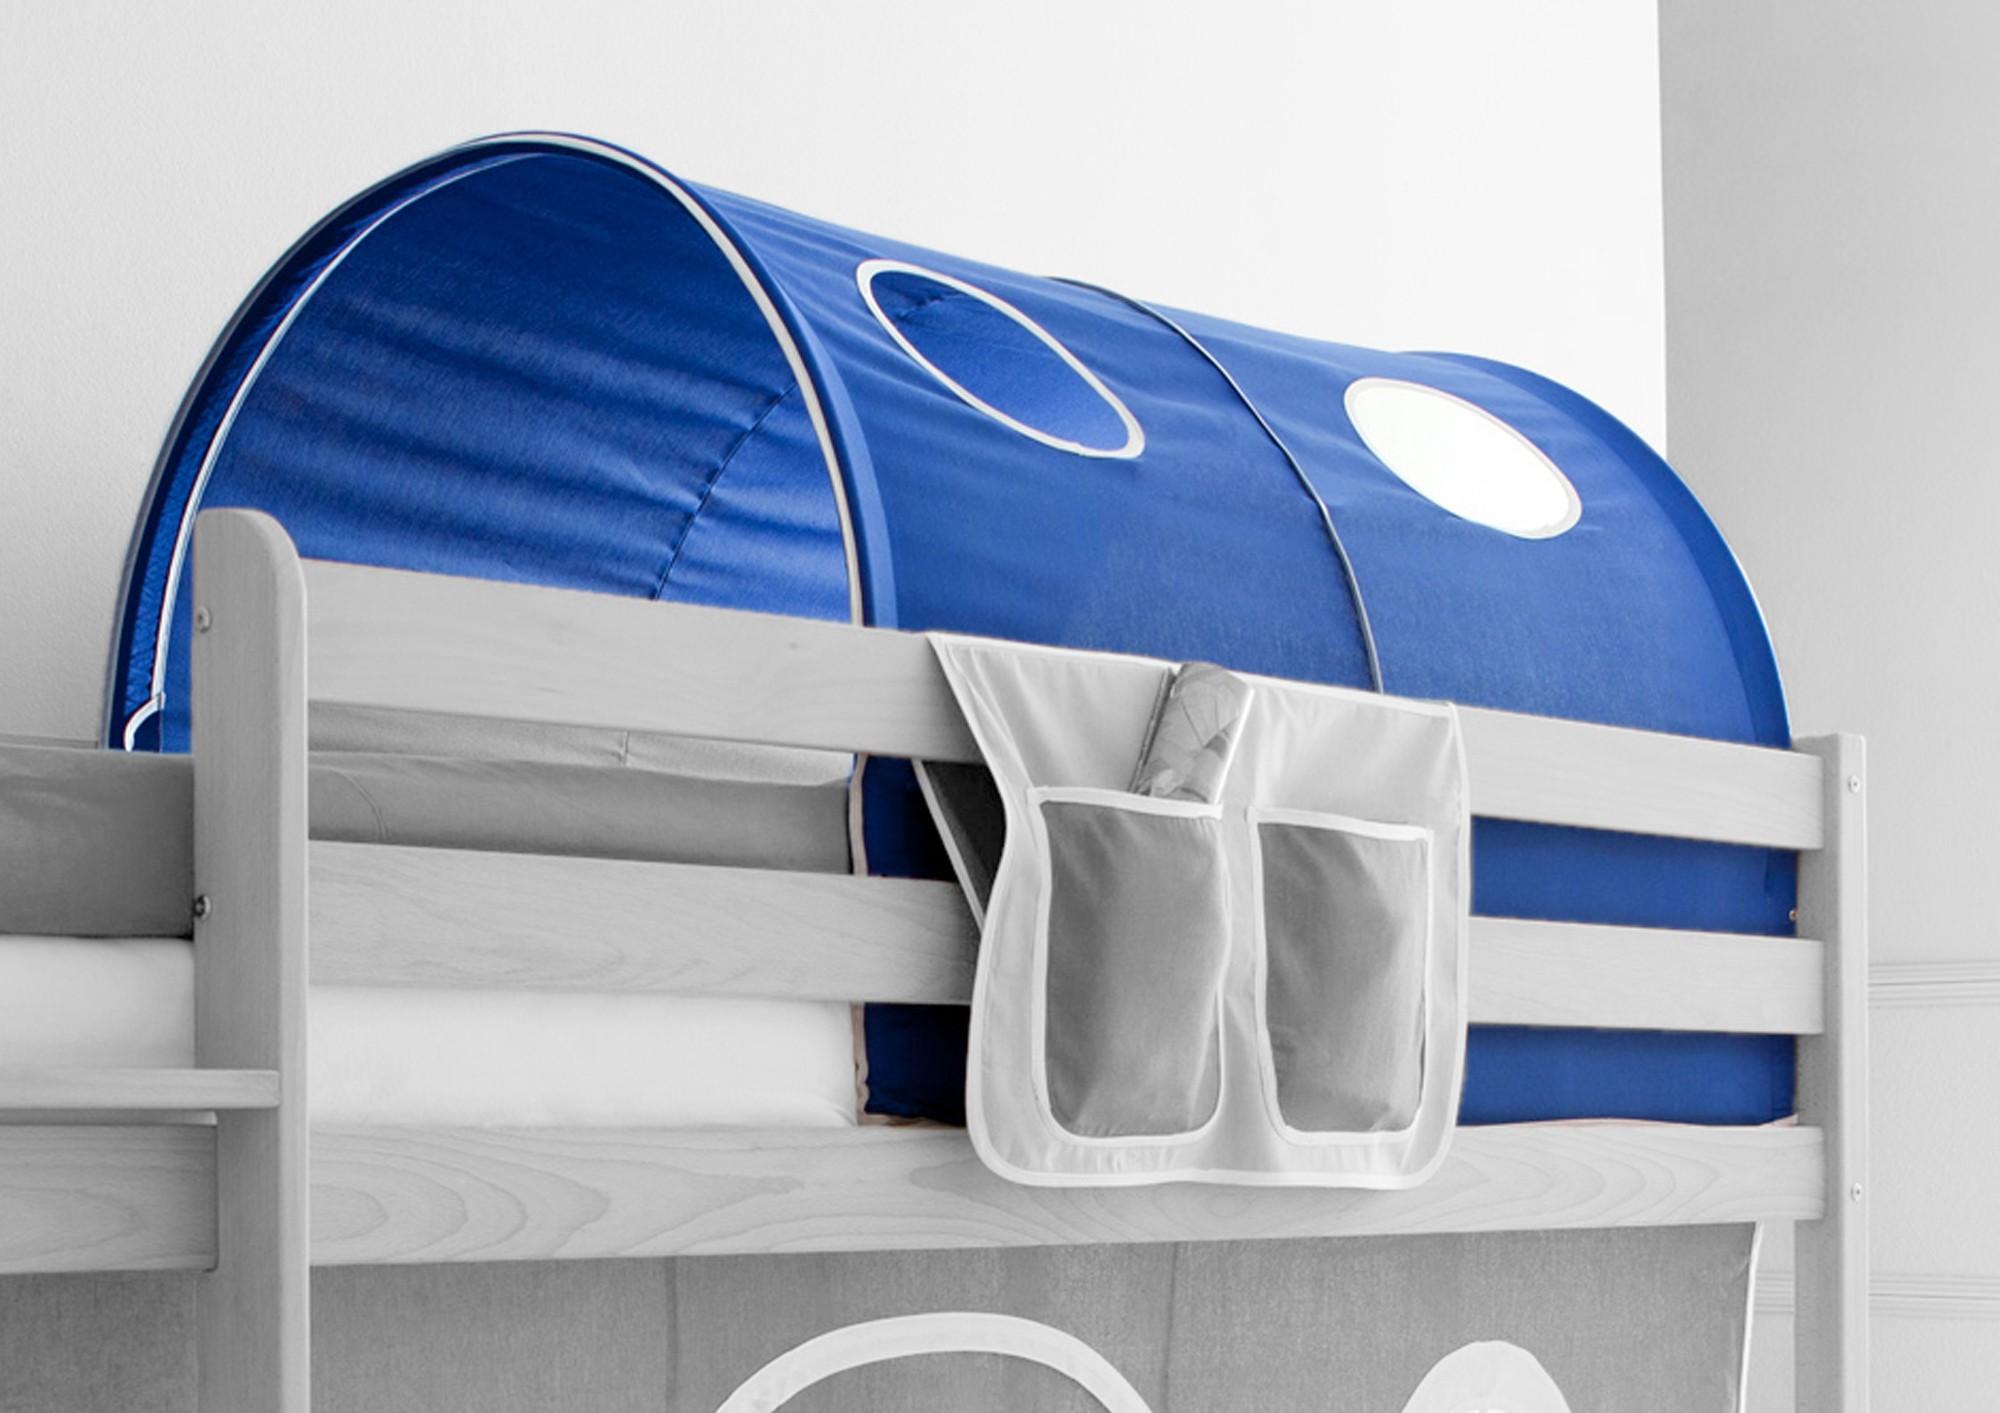 Etagenbett Zubehör Tunnel : Möbilia etagenbett weiss rutsche textilset blau boy vorhang er